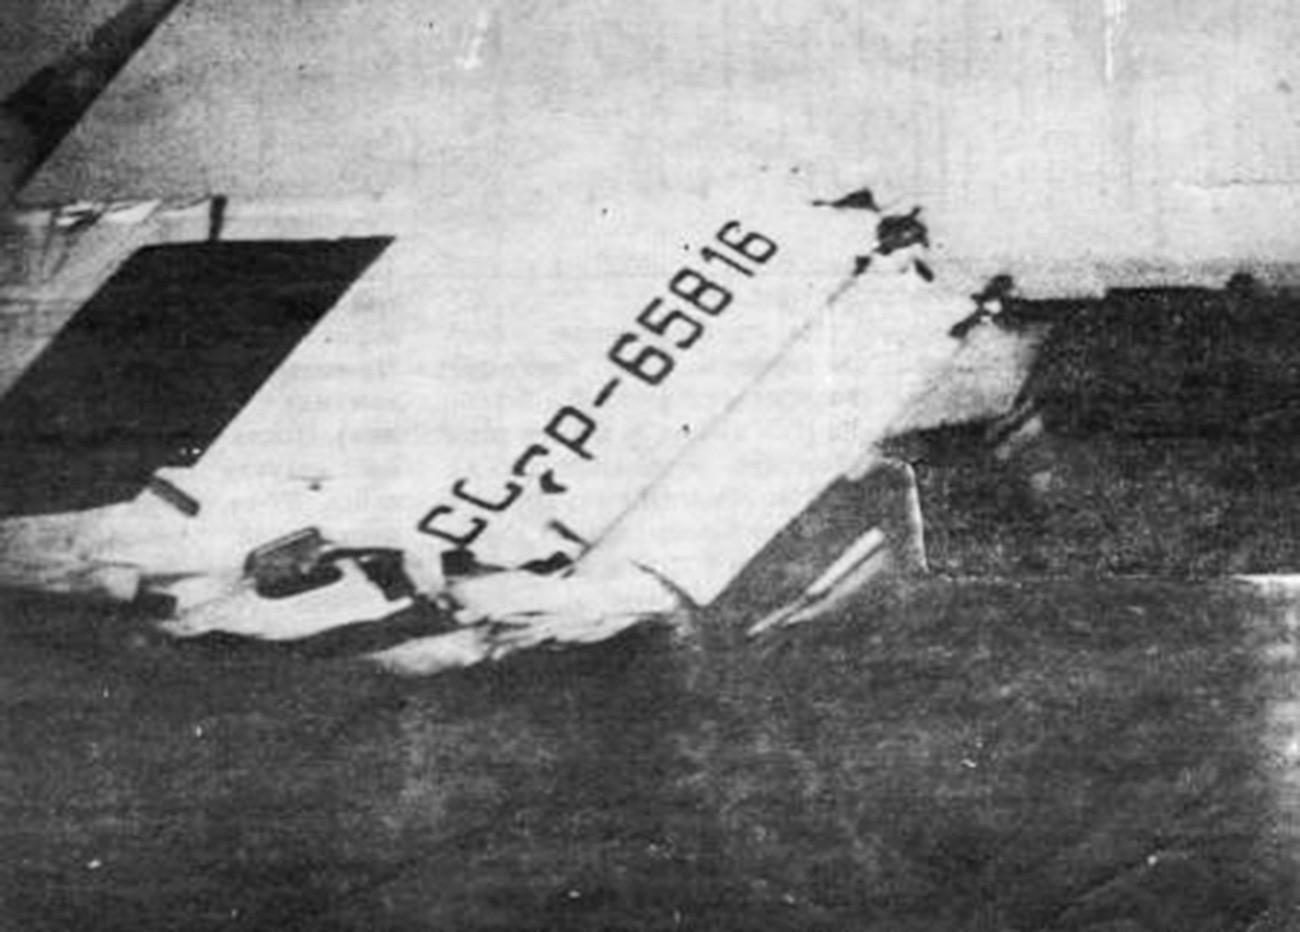 Sudar aviona Tu-134 iznad Dniprodžeržinska, repni dio jednog aviona.